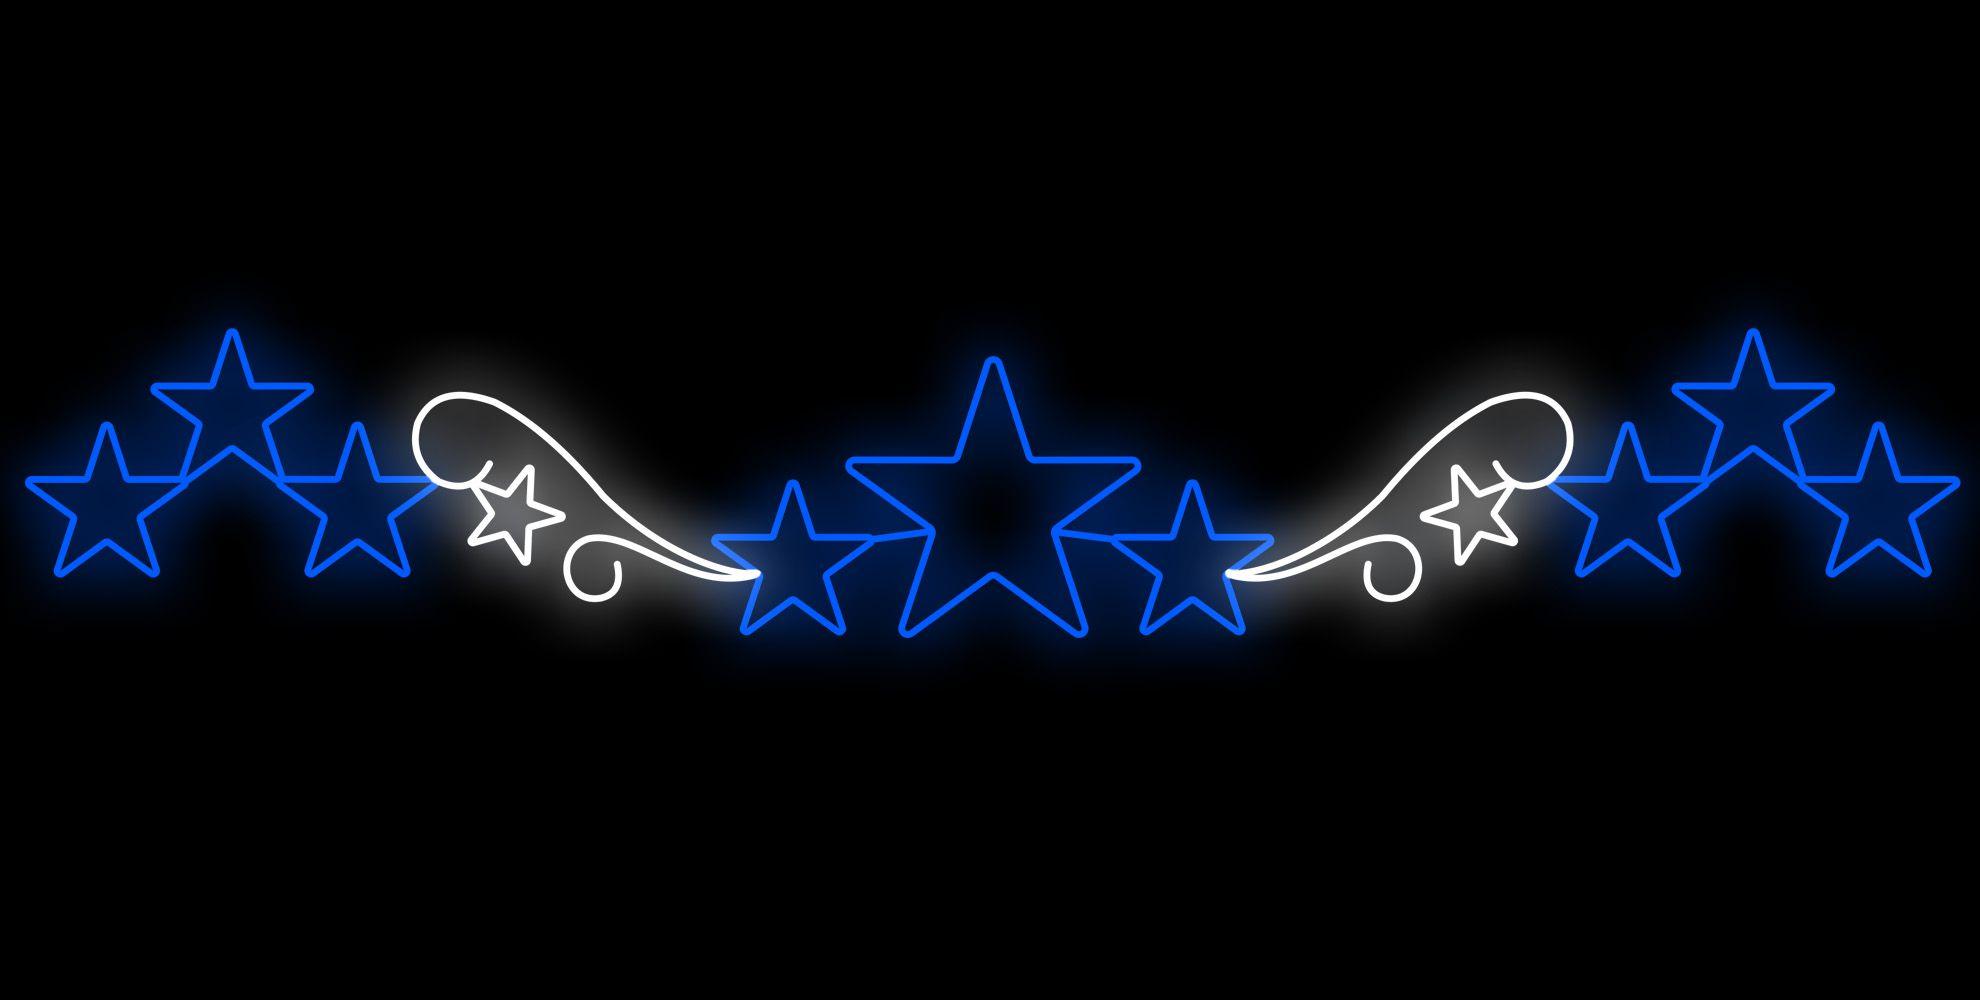 PO-030 - Painel Iluminado Led Constelação Preenchido- (Veja Opções)